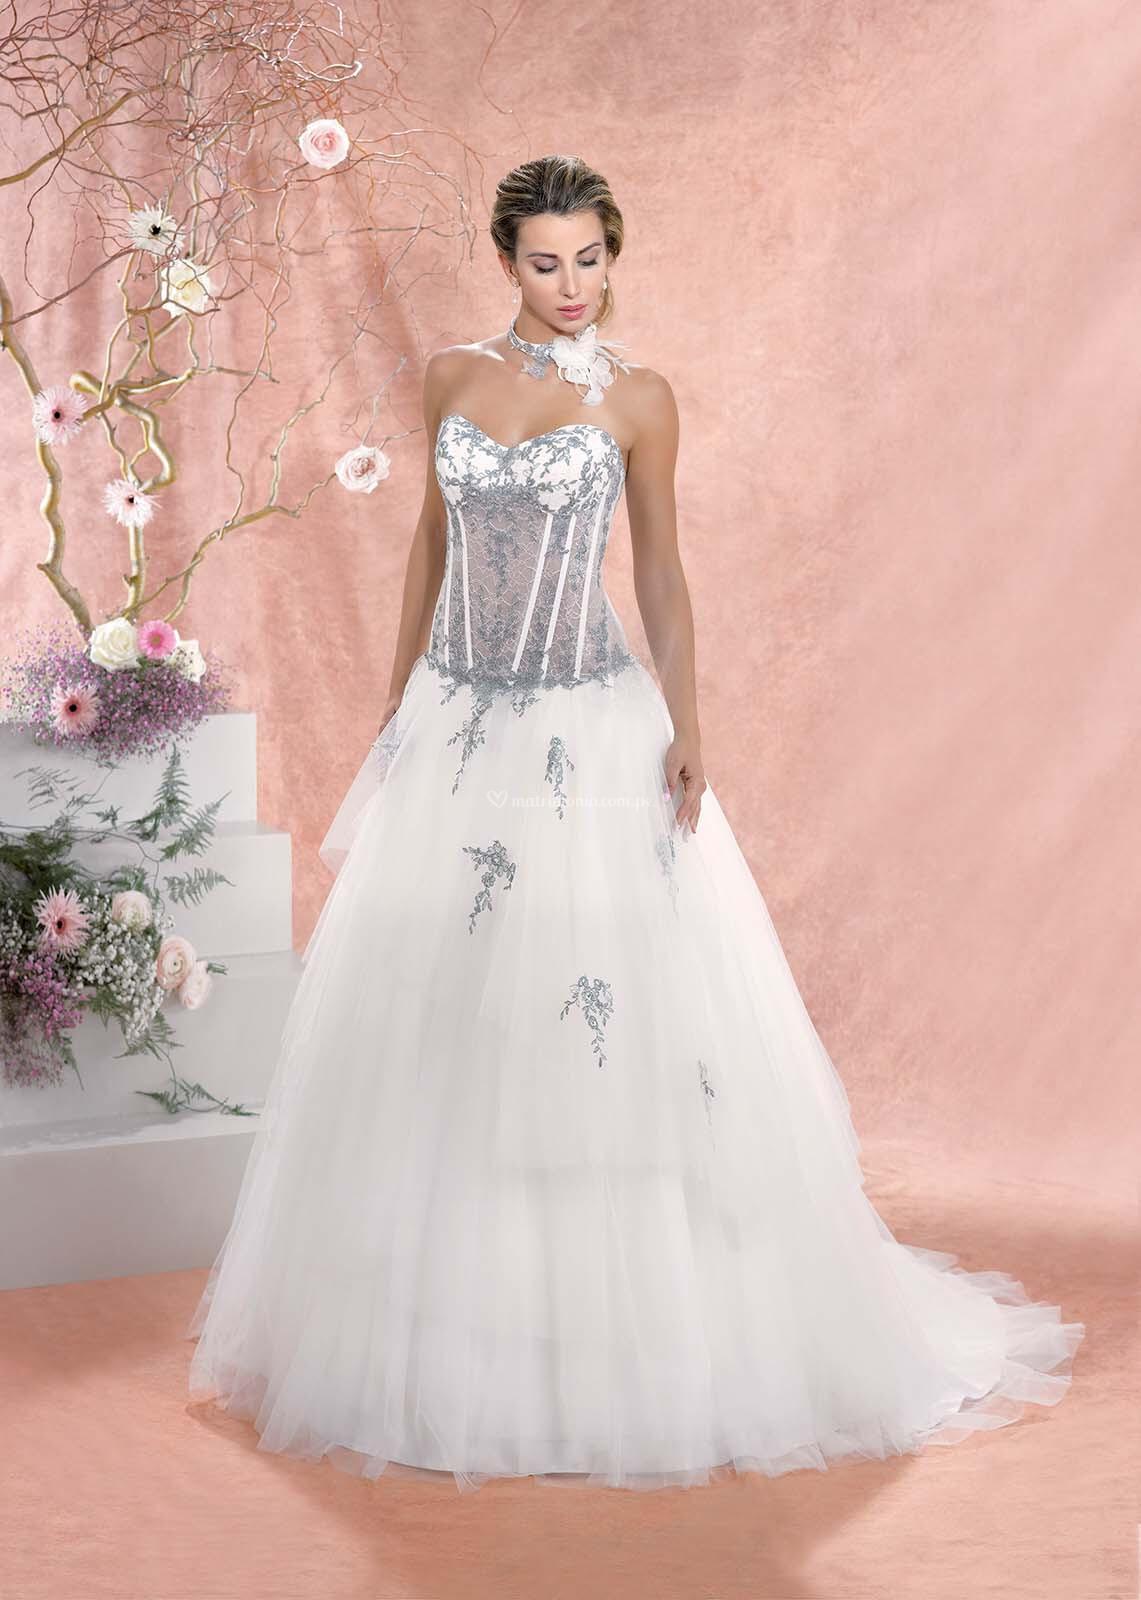 Lujoso Vestido De Novia Jordan Molde - Colección de Vestidos de Boda ...